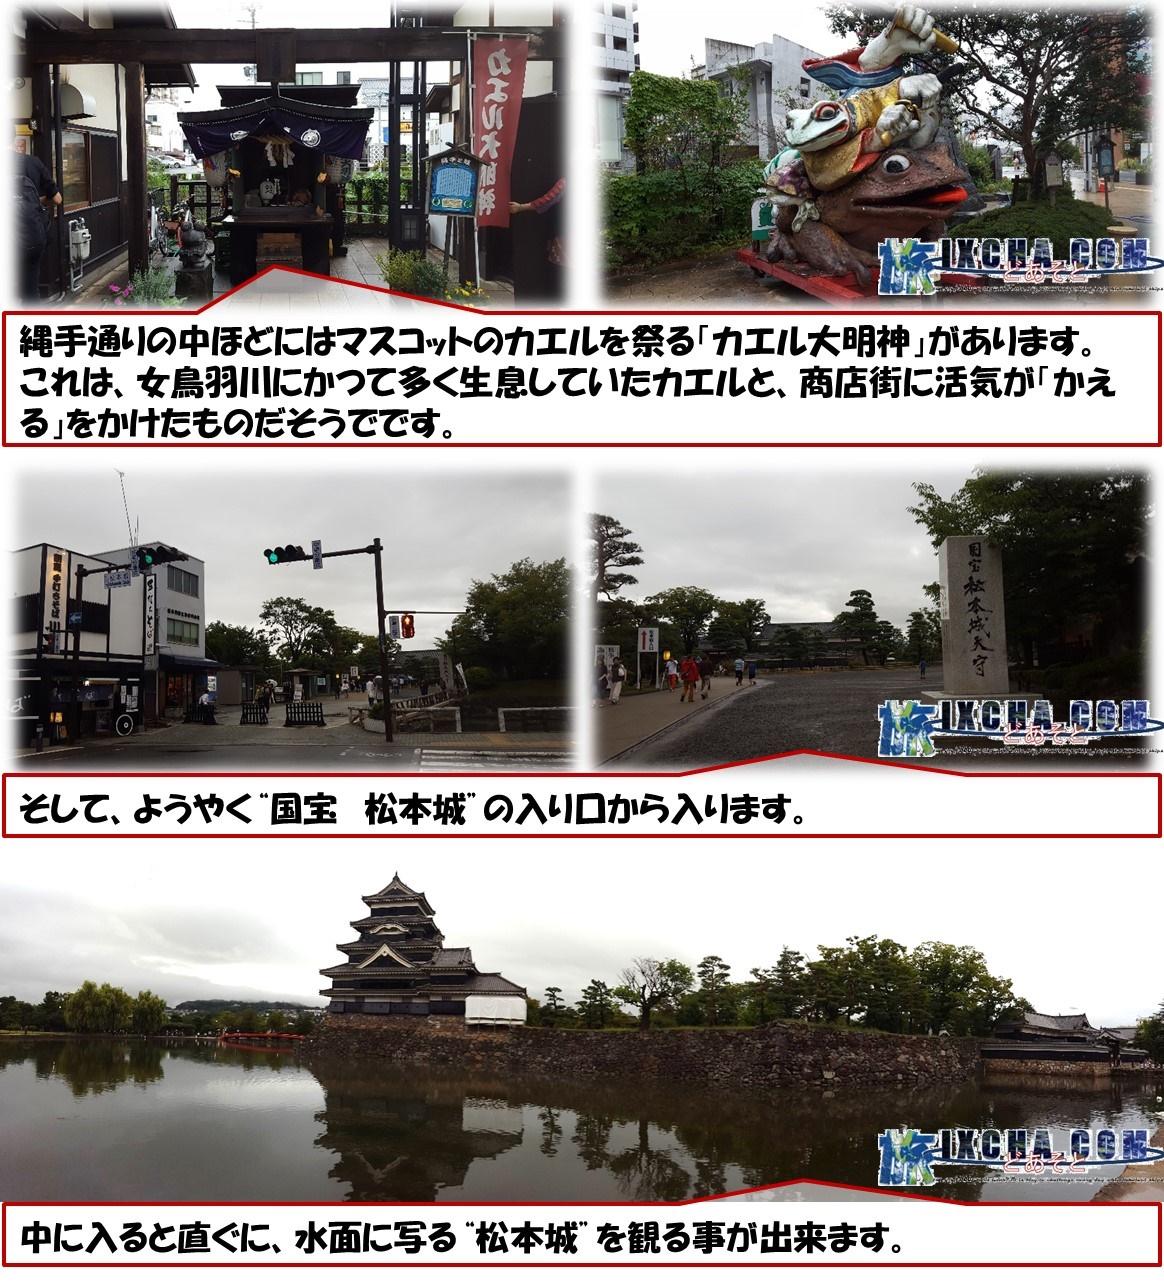 """長野 国宝 松本城 長野県松本市にある黒と白のコントラストが美しく「烏城(からすじょう)」とも呼ばれる""""国宝 松本城""""に行ってきました!! 先ずは、城下町を少し散策しながら城に向かう所をご覧いただきます。 城下町の景観は趣ある商家の街並みが残されており、今は御土産屋さんが軒を連ねており、歩くだけで楽しいです。 松本城を南から東へ流れる「女鳥羽川」を越えて城に向かいます。 松本城の「南惣堀(みなみそうぼり)」と「女鳥羽川」の間にある「縄手(なわて)通り」には、江戸期の城下町松本の風景を再現した通りは、50軒近い飲食店・雑貨屋・古物店が立ち並んでおり、歩くだけで楽しいです。 おすすめは、たい焼き屋さんです! 「縄手(なわて)通り」から入れる""""四柱神社""""はパワースポットとして大人気の神社で「天照大神」、「天之御中主神」、「高皇産霊神」、「神皇産霊神」の四つの神様を祭神としていることから""""四柱神社""""との名称がついた全ての願いがかなう「願いごとむすびの神」です。 縄手通りの中ほどにはマスコットのカエルを祭る「カエル大明神」があります。 これは、女鳥羽川にかつて多く生息していたカエルと、商店街に活気が「かえる」をかけたものだそうでです。 そして、ようやく""""国宝 松本城""""の入り口から入ります。 中に入ると直ぐに、水面に写る""""松本城""""を観る事が出来ます。 日本の数ある城の中でも最も美しいお城のひとつに数えられる""""松本城""""はさながら水に浮かんだ様にも見え、本当に美しいです。 松本城と朱色が美しい""""埋の橋""""の写真です。 この朱色の橋は、昭和の大修理の際に昔の絵図にあった場所に架橋した橋で、埋門の名に因んで、「埋の橋」と命名されたものです。 この城は、見る角度によって楽しむことが出来るので、観光客はみんなグルグル城の周りを歩いてます。ちなみに、この御堀の外から観る分には無料で観る事が出来ます。 お城は外から見る分が一番と思っていますが、折角なので入場料を支払い中に入ります。 休日には、門の前に戦装束のガイドさんが迎えてくれます。 綺麗に整備された庭園を観ながら、城内を歩きます。 ここで、疑問が沸きました。 「あれ?沢山の観光客が中に入ったのになぜ、こんなに空いているの??」 理由は、↓ 入場制限がかけられており、順番に中に入ることになってました、ちなみにこの日は40分ぐらい待ちました。 ようやく自分の番になり、城内を目指すと改装工事をされている職人さんが城壁に立ってました。 城内は、当時のままを残しており、直球階段の様な階段を上り天守に進みます。 様々な火縄銃や武具が並んでおります。 大量の展示物が置かれてますので、割愛いたしますが、江戸時代に使われていた様々な武具が場内の至る所に展示されております。 そして、天守に登ってきました! 結構な大人数が登っているにも関わらず、まったくグラグラしてないです!えっ・・そんな揺れる城があるの? はい。古い木造建築のものは結構揺れる所が多いんです! 天守からの東西南北の風景です。 松本城の天守には有名な「二十六夜社」が祭られています。  守護神二十六夜社勧請の謂れ 天守六階小屋梁の上に二十六夜社を勧請したのは元和4(1618)年である。其の年の正月、月令二十六夜の月が東の空に昇る頃二十六夜様が、天守番の藩士、川井八郎三郎の前に美婦となって現われ神告があった。 「天守の梁の上に吾を奉祀して毎月二十六日には三石三斗三升三合三勺の餅を搗いて斎き、藩士全部にそれを分ち与えよ、さすれば御城は安泰に御勝手向きは豊なるぞ」。翌朝このことを藩主に言上し、翌二月二十六日に社を勧請し、以来明治維新に至るまで其のお告げを実行してきた。お陰で松本城天守は多くの危難をのり超えて無事今日に至っている。 見学後、登ってきた階段を降りていきますが、混雑した城内の階段を降りるのは結構大変です。 順番に相手に気遣い降りていきましょう! 松本市のマスコットキャラクター「アルプちゃん」の甲冑バージョンです。 彼?彼女とこの位置で記念撮影し、松本城を後にします。 国宝指定された城は含め2017年現在で5つあります。その中でも非常に美しいと人気の松本城は、人々を惹きつける魅力があります。 是非とも、一度遊びに行かれては如何でしょうか。以上で、御案内となります。 御精読ありがとうございました!! 名称国宝 松本城 所在地長野県松本市丸の内4番1 アクセスJR篠ノ井線「松本駅」下車 徒歩約15分 営業時間通常 8:30~17:00(最終入城は16:30まで)  GW/夏季 8:00~18:00(最終入城は17:30まで)  料金大人610円/小中学生300円  種別国宝 城郭 備考入場規制がありますので、待ち時間は要確認 評価95点"""